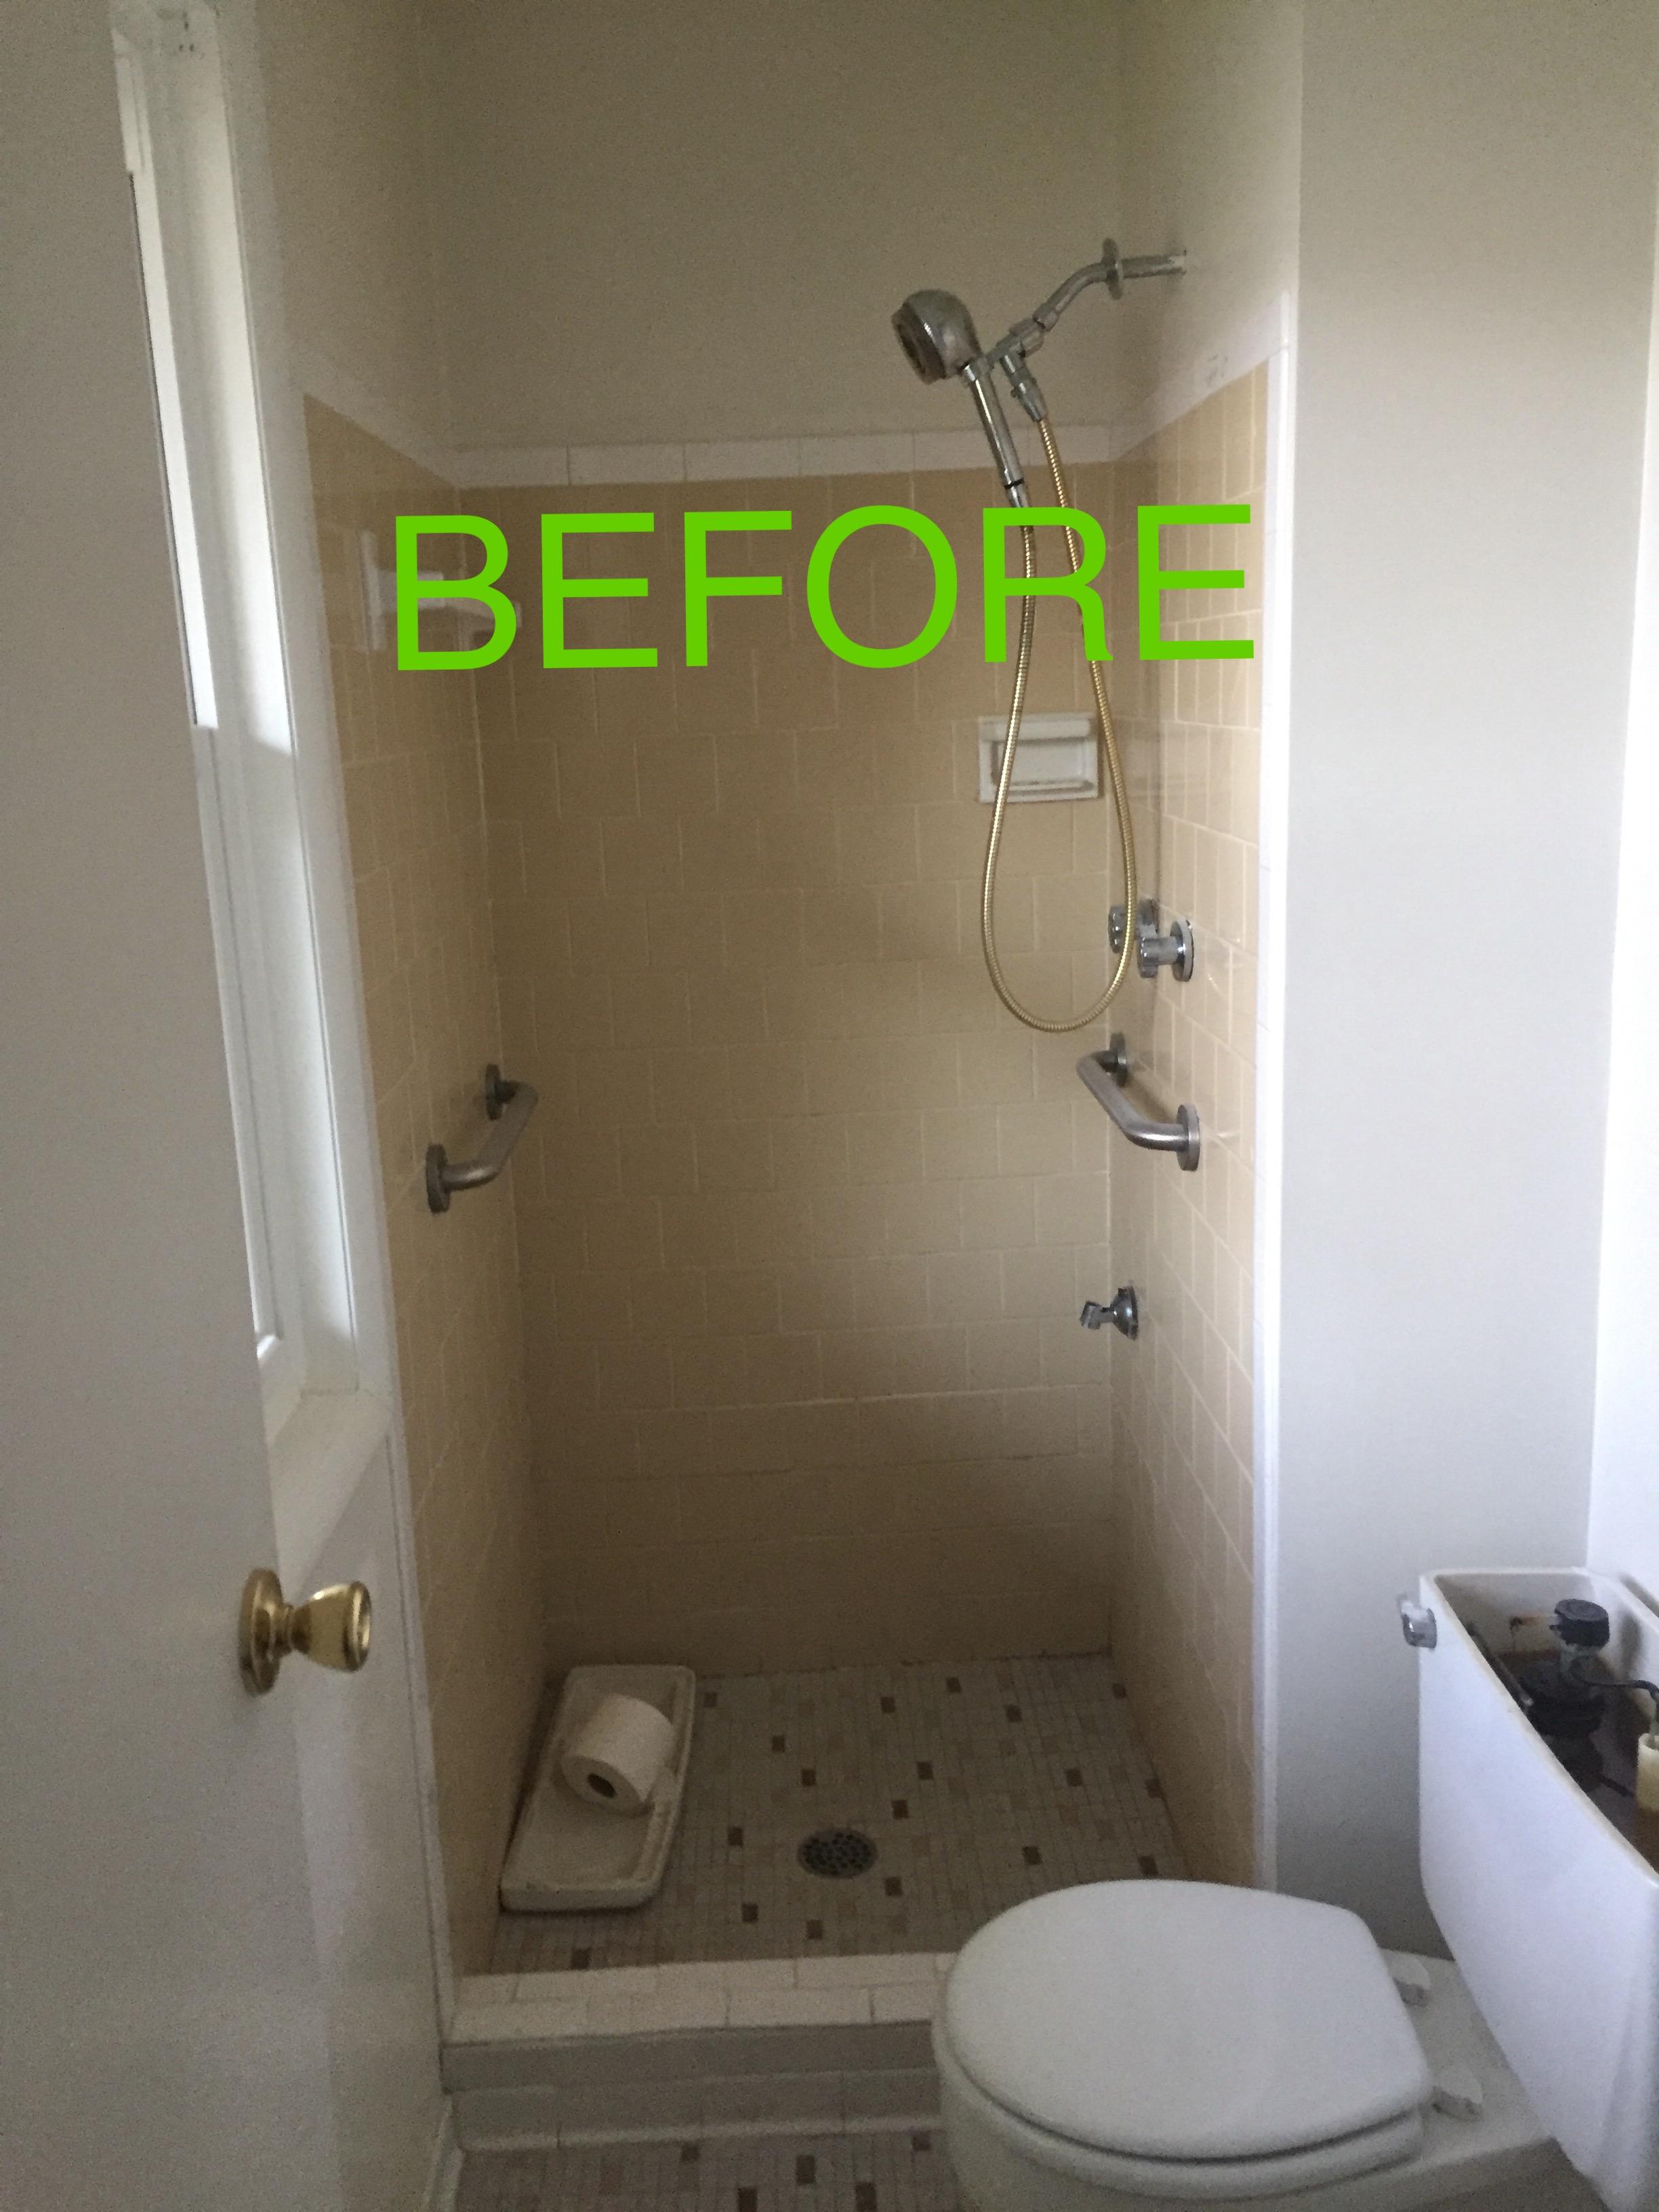 NEW bath pic 2